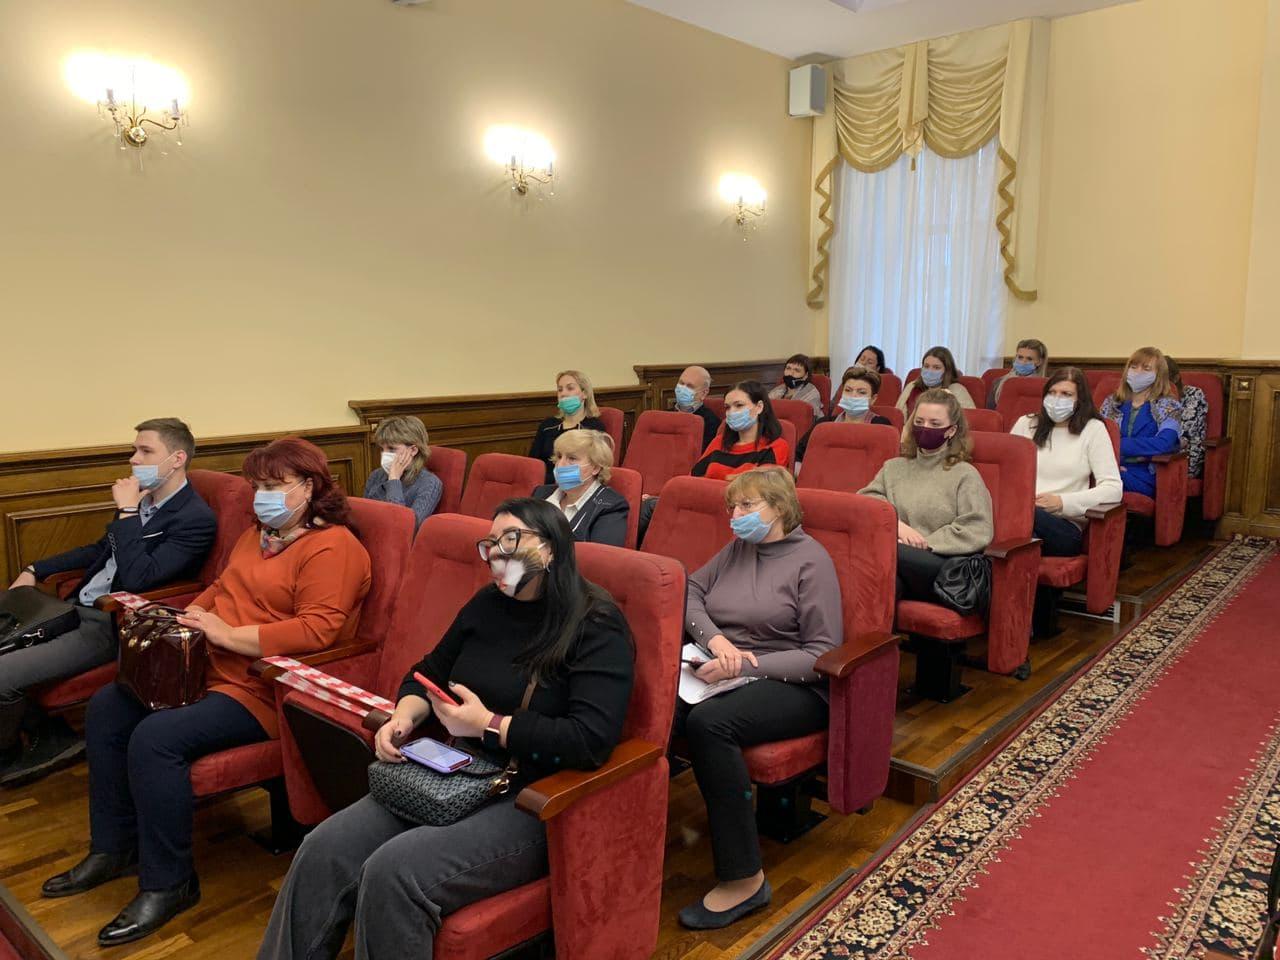 Закрытые слушания. Власти Смоленска не пустили активистов и СМИ на рассмотрение проекта бюджета города